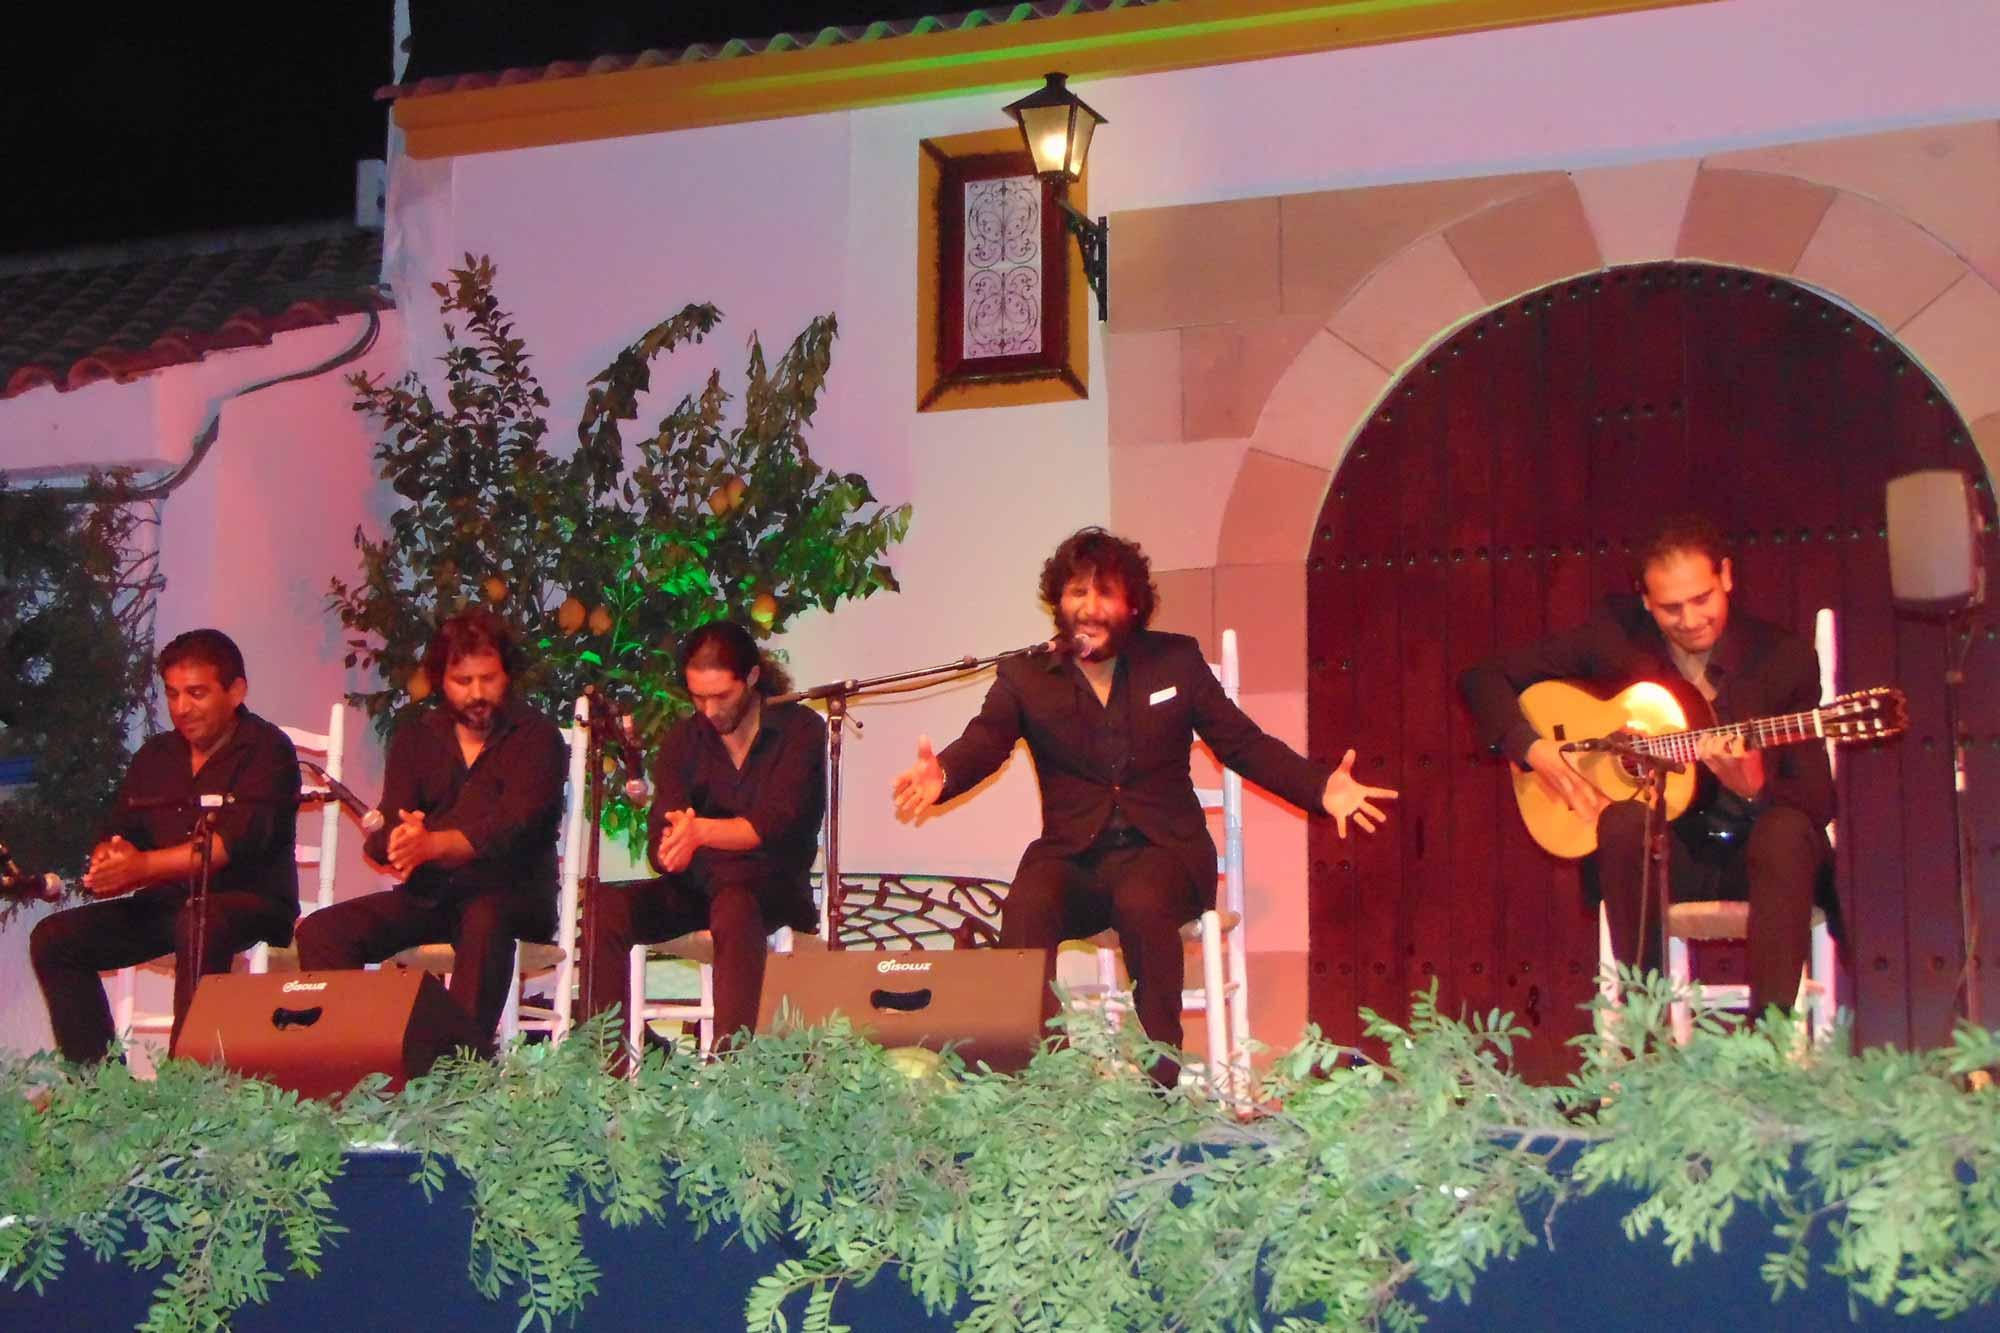 Festival Castillo del Cante de Ojén